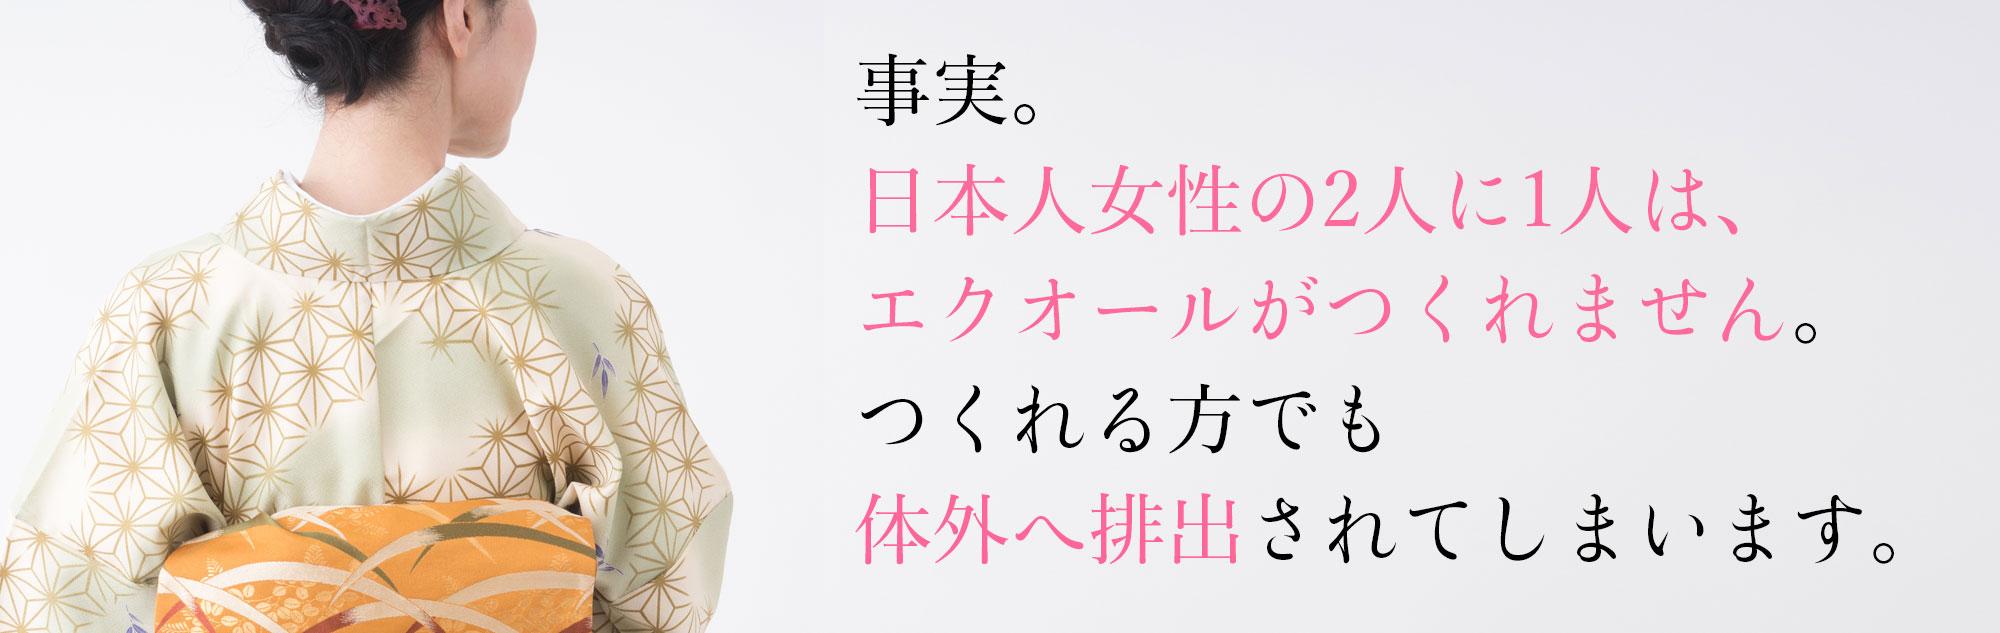 日本人の2人の1人がエクオールを作れない。